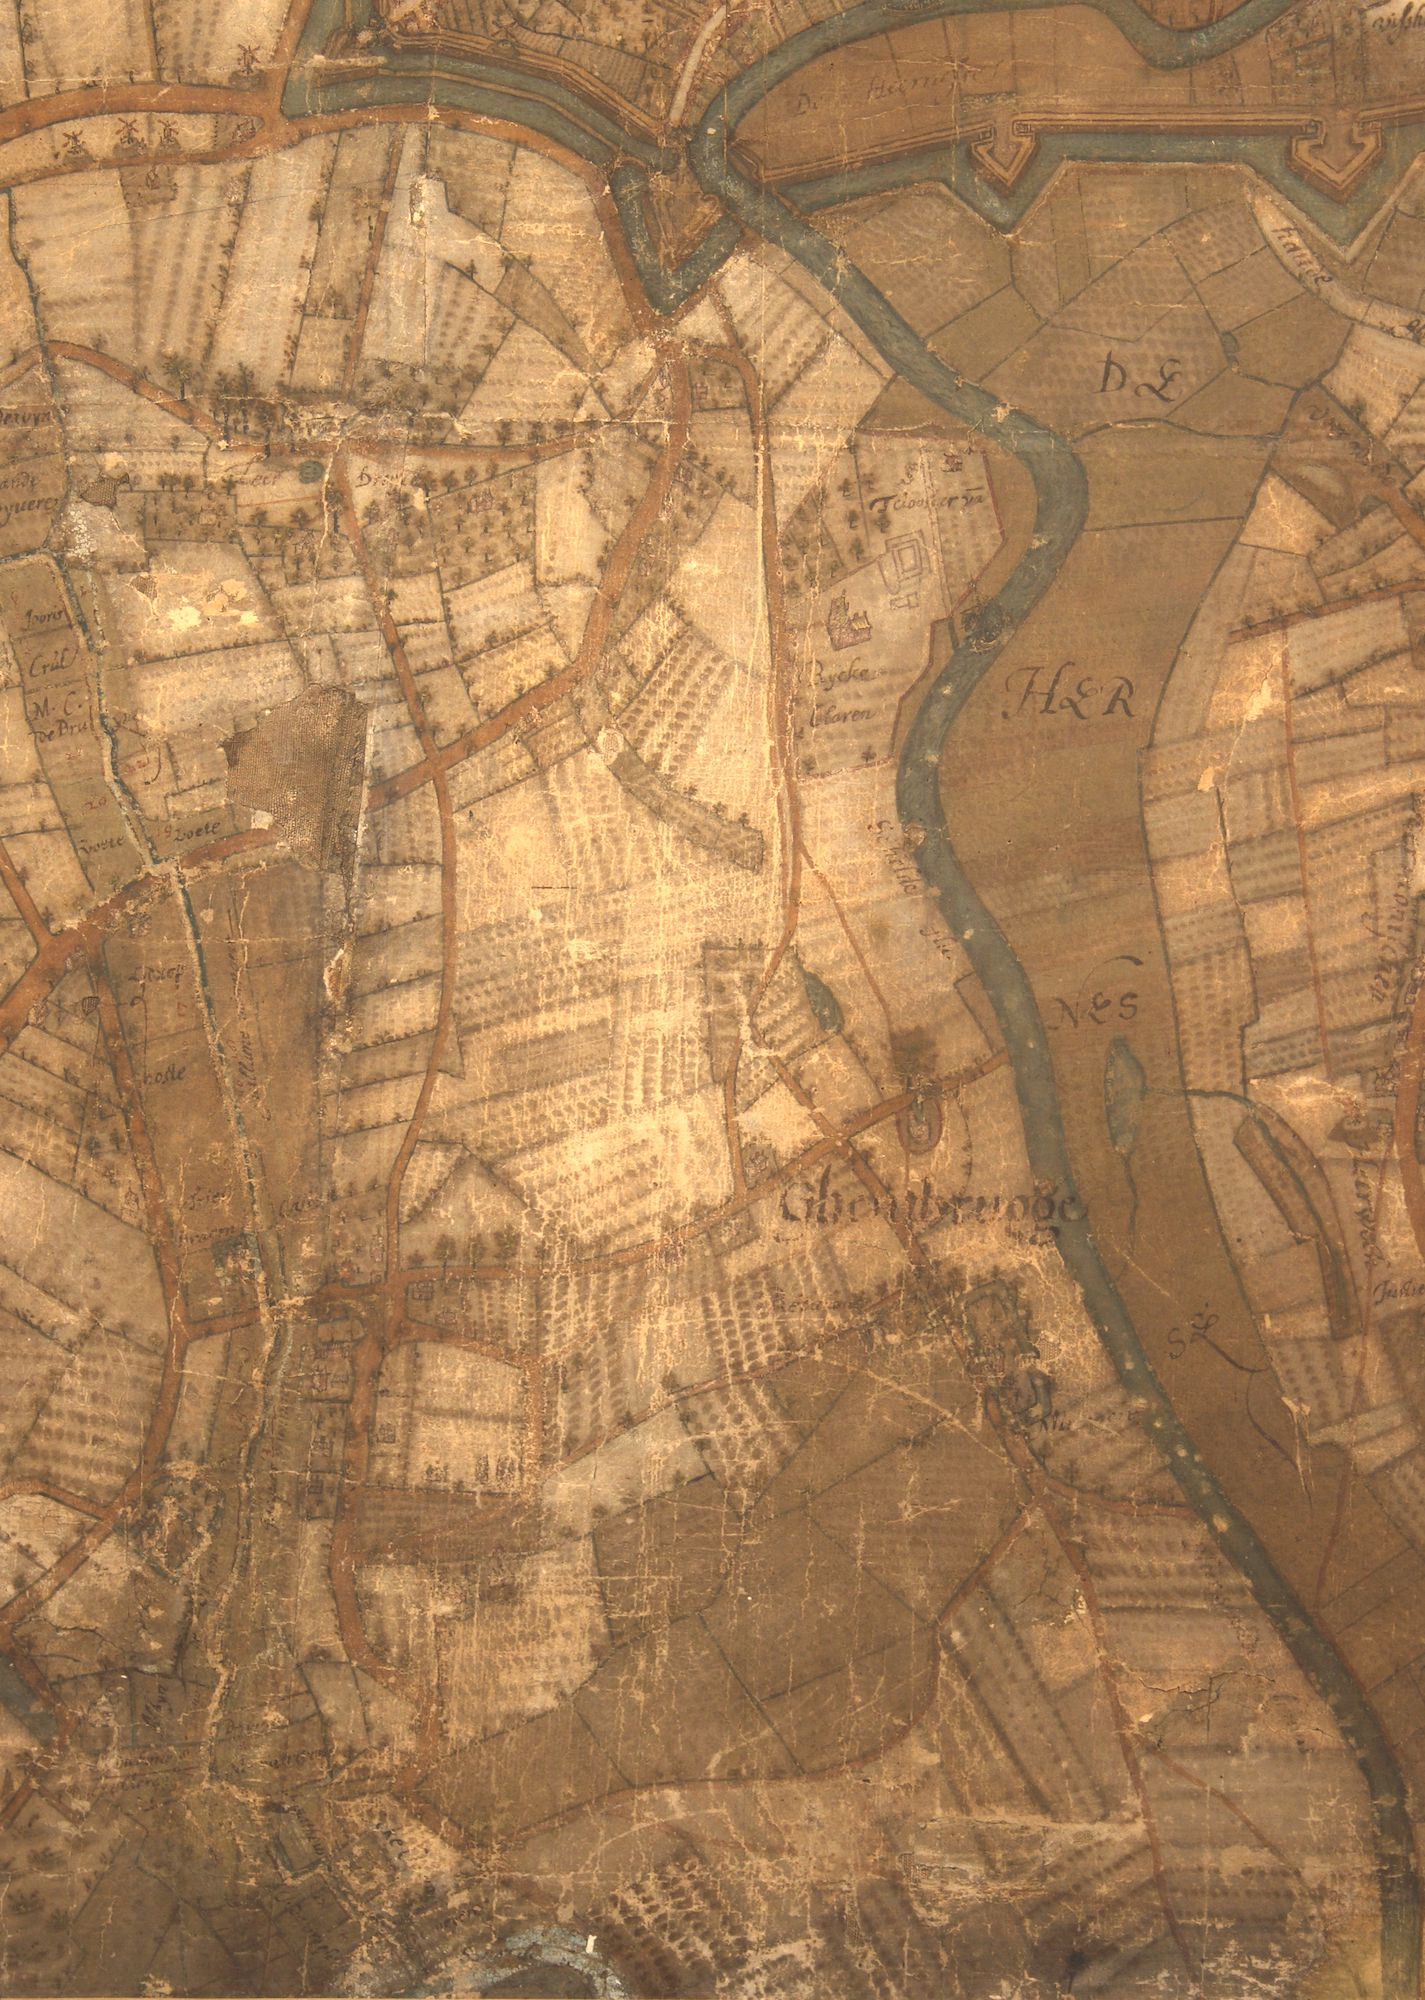 Ledeberg-Noord, Gentbrugge-Noord en de Heirnis of Heernis: kaartdeel 09 (XIII) van de Kaart van Gent en het Vrije van Gent afgebakend door de Rietgracht, Jacques Horenbault, 1619